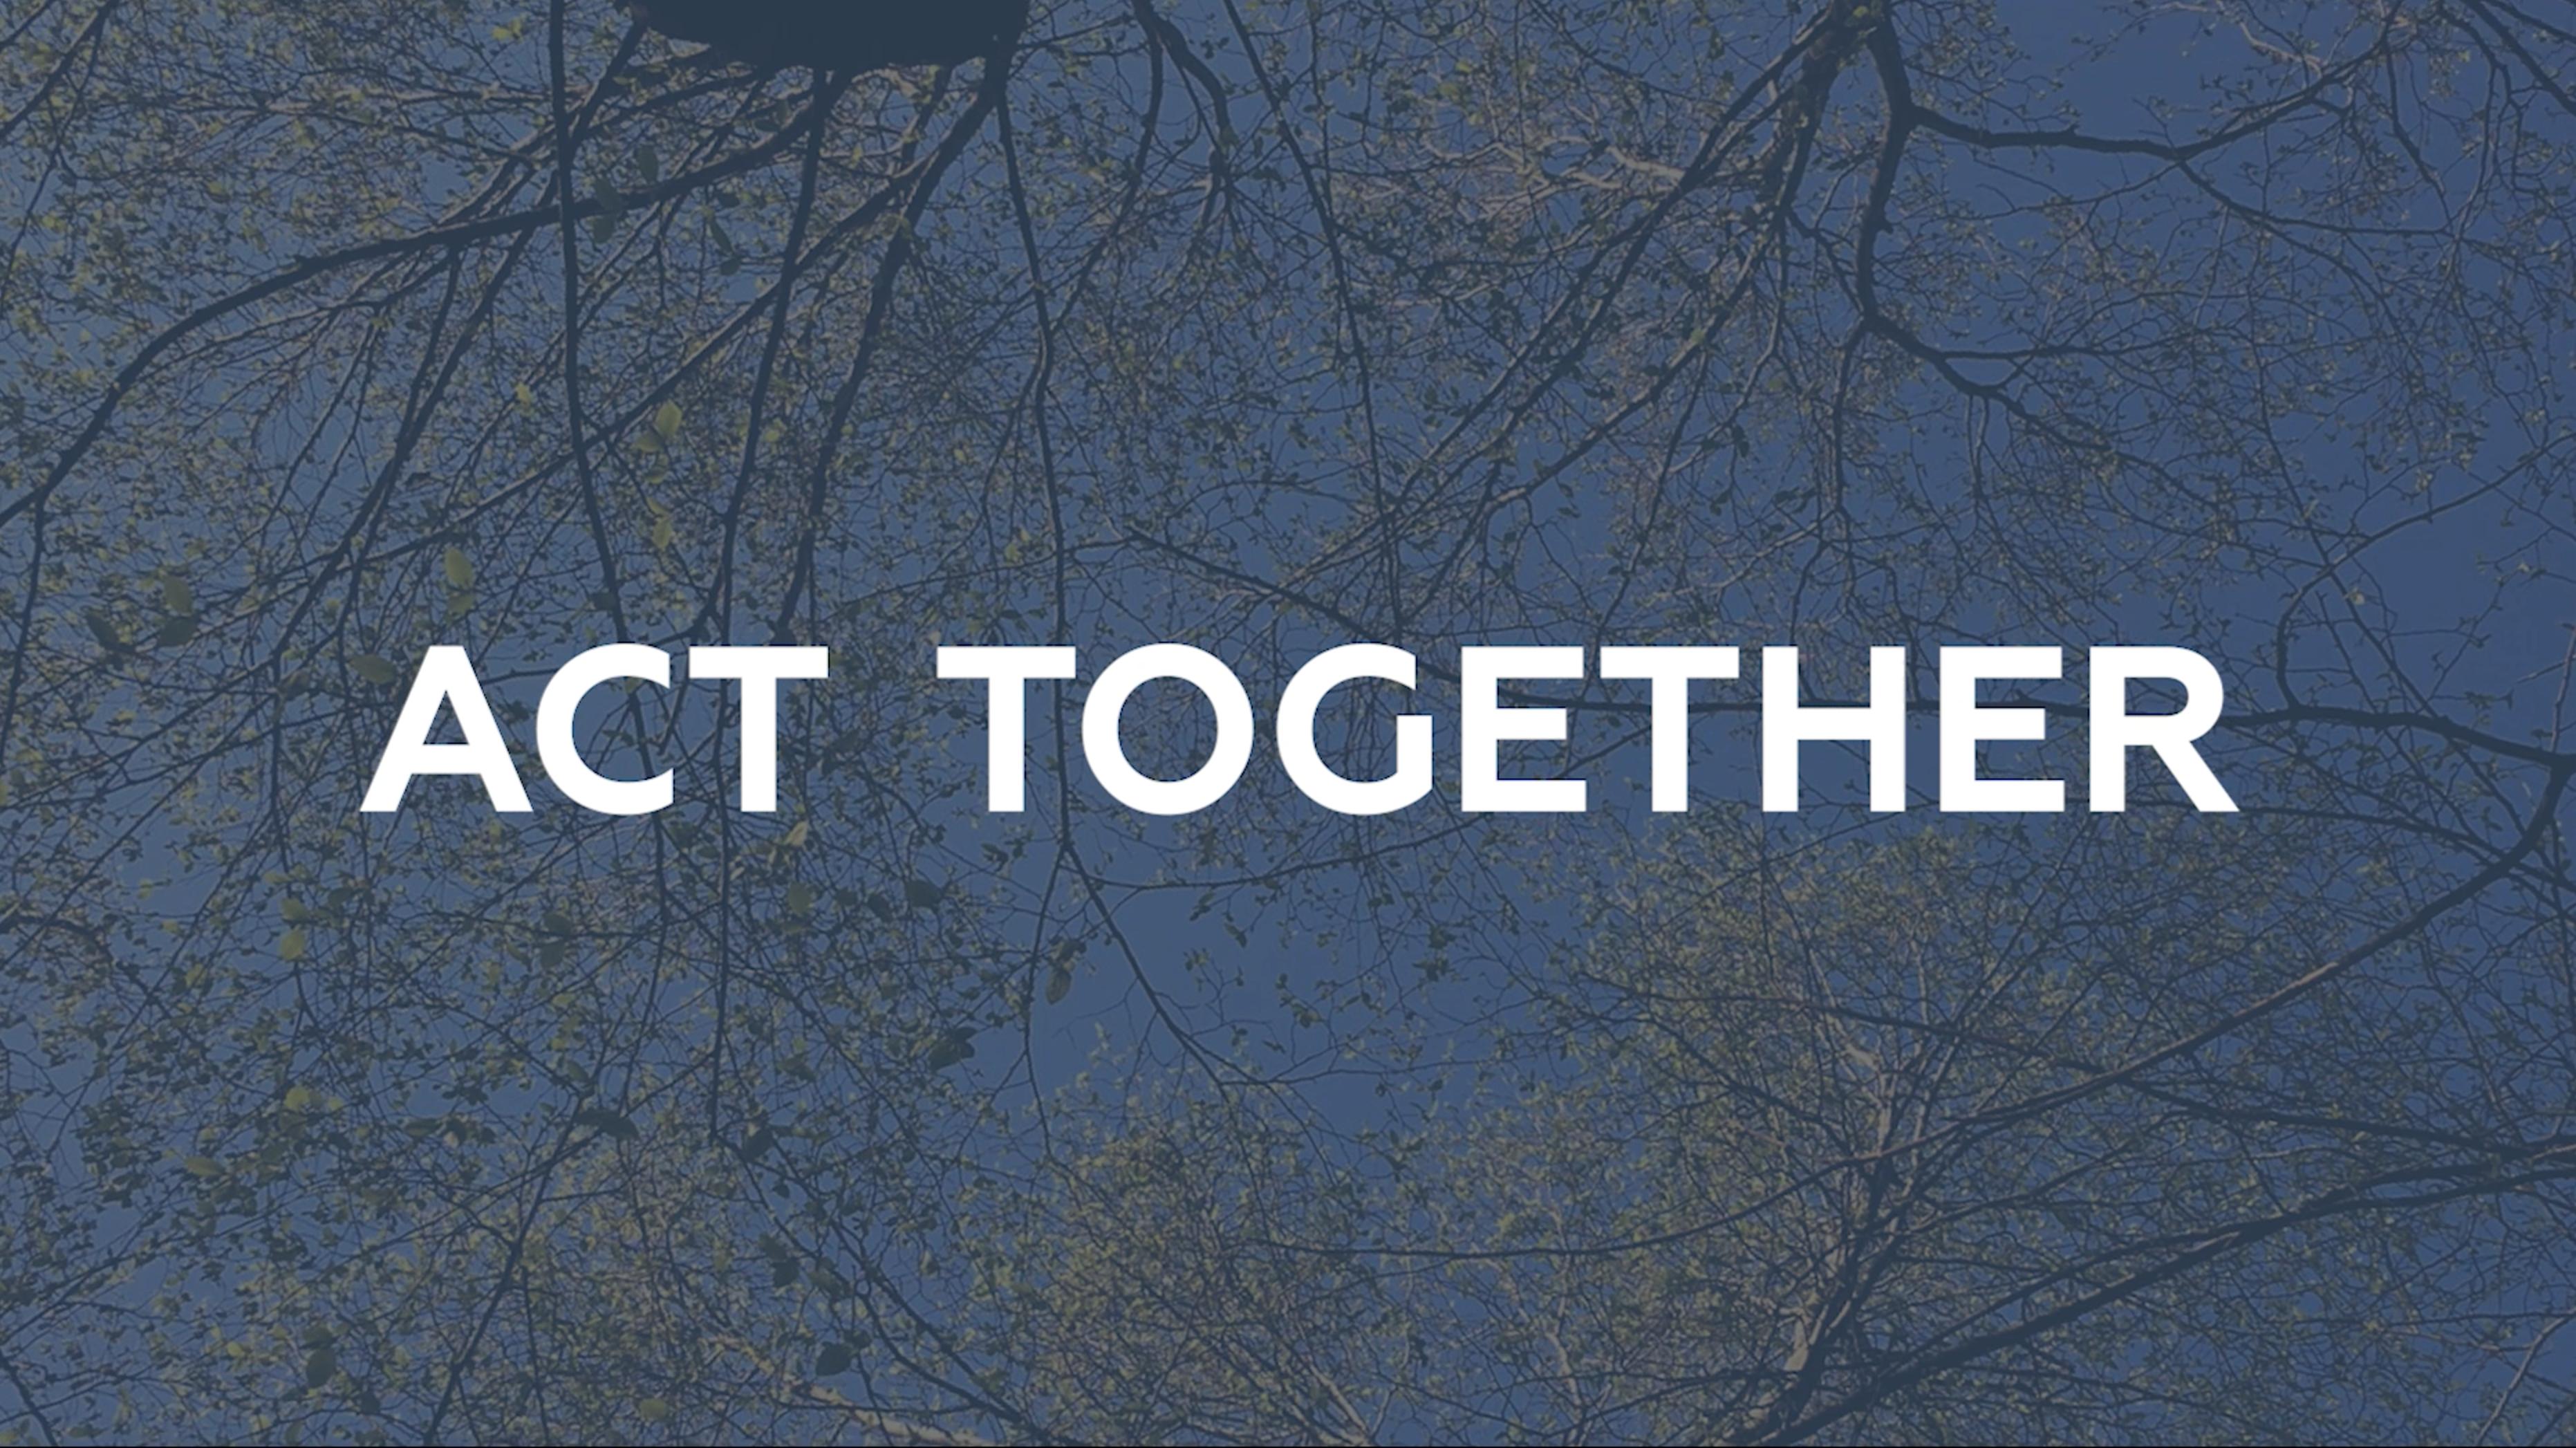 Moda circolare. Collaborazione e trasparenza nel progetto ACT TOGETHER